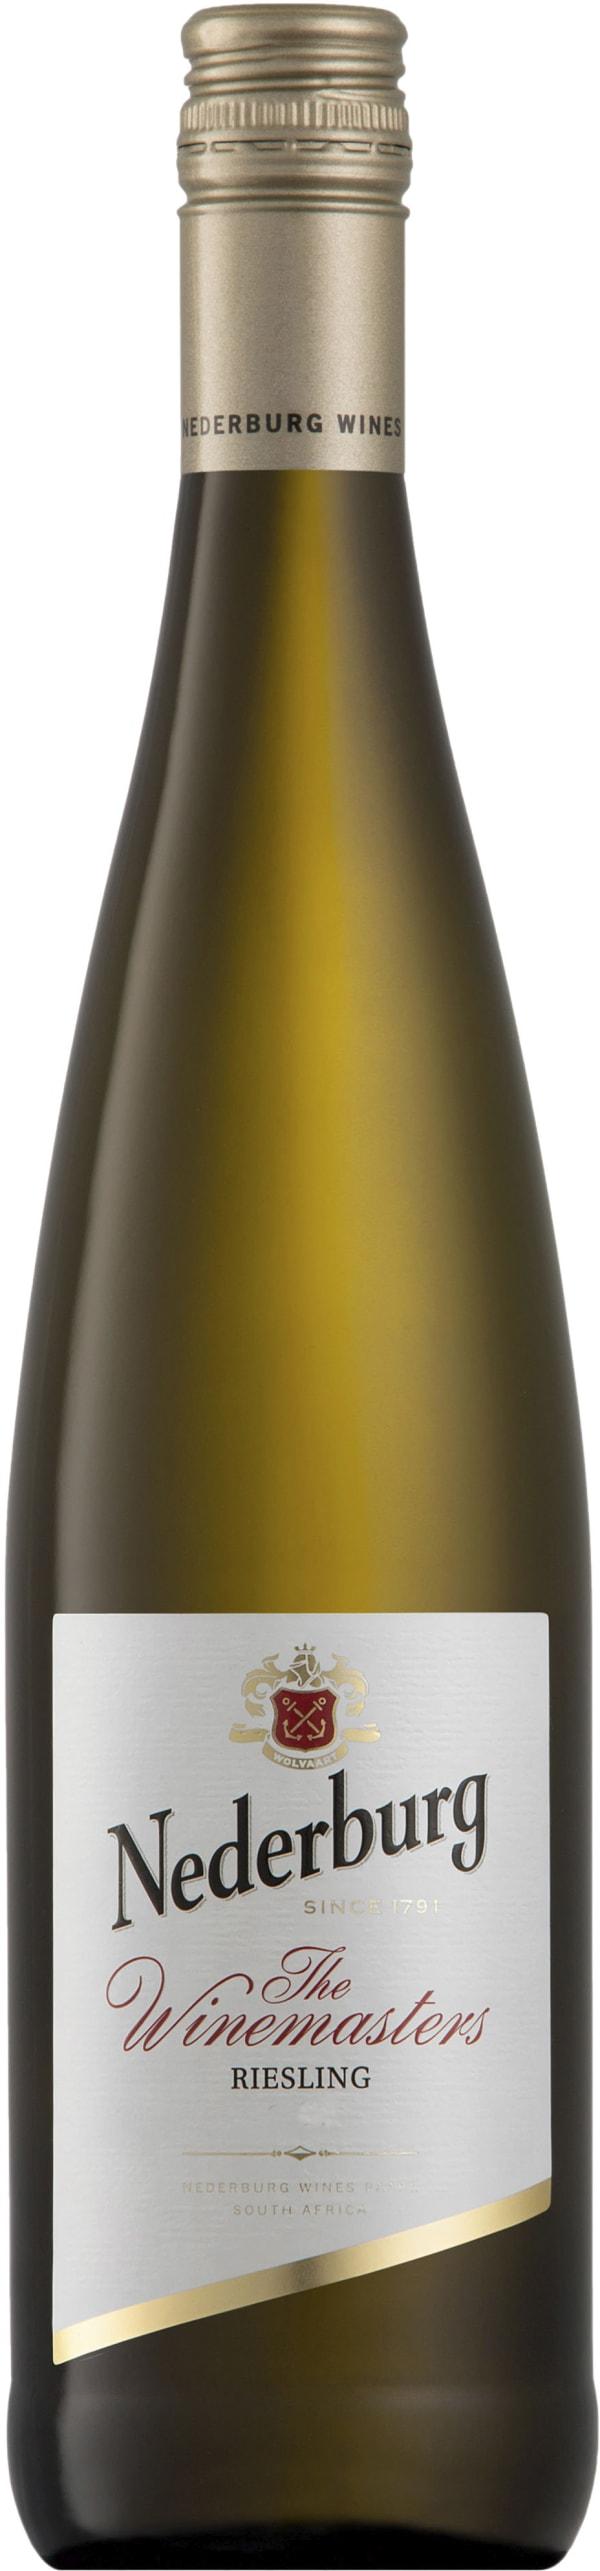 Nederburg Winemasters Riesling 2016